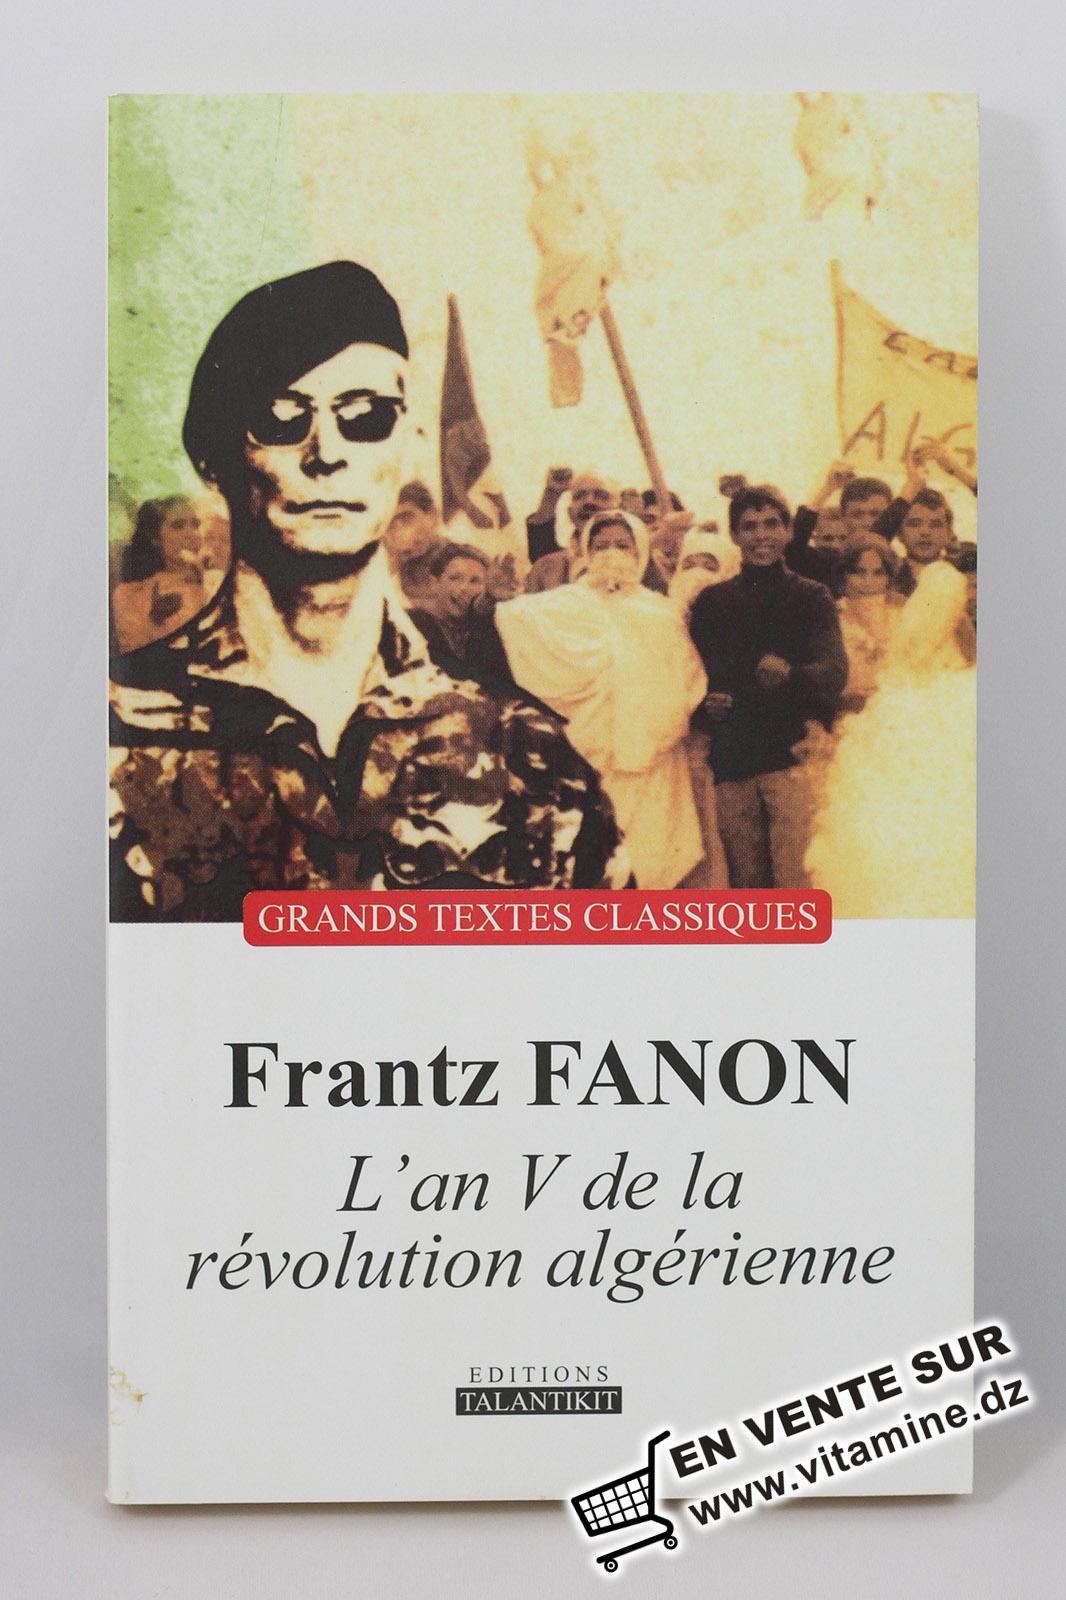 Frantz Fanon - L'an v de la révolution algérienne